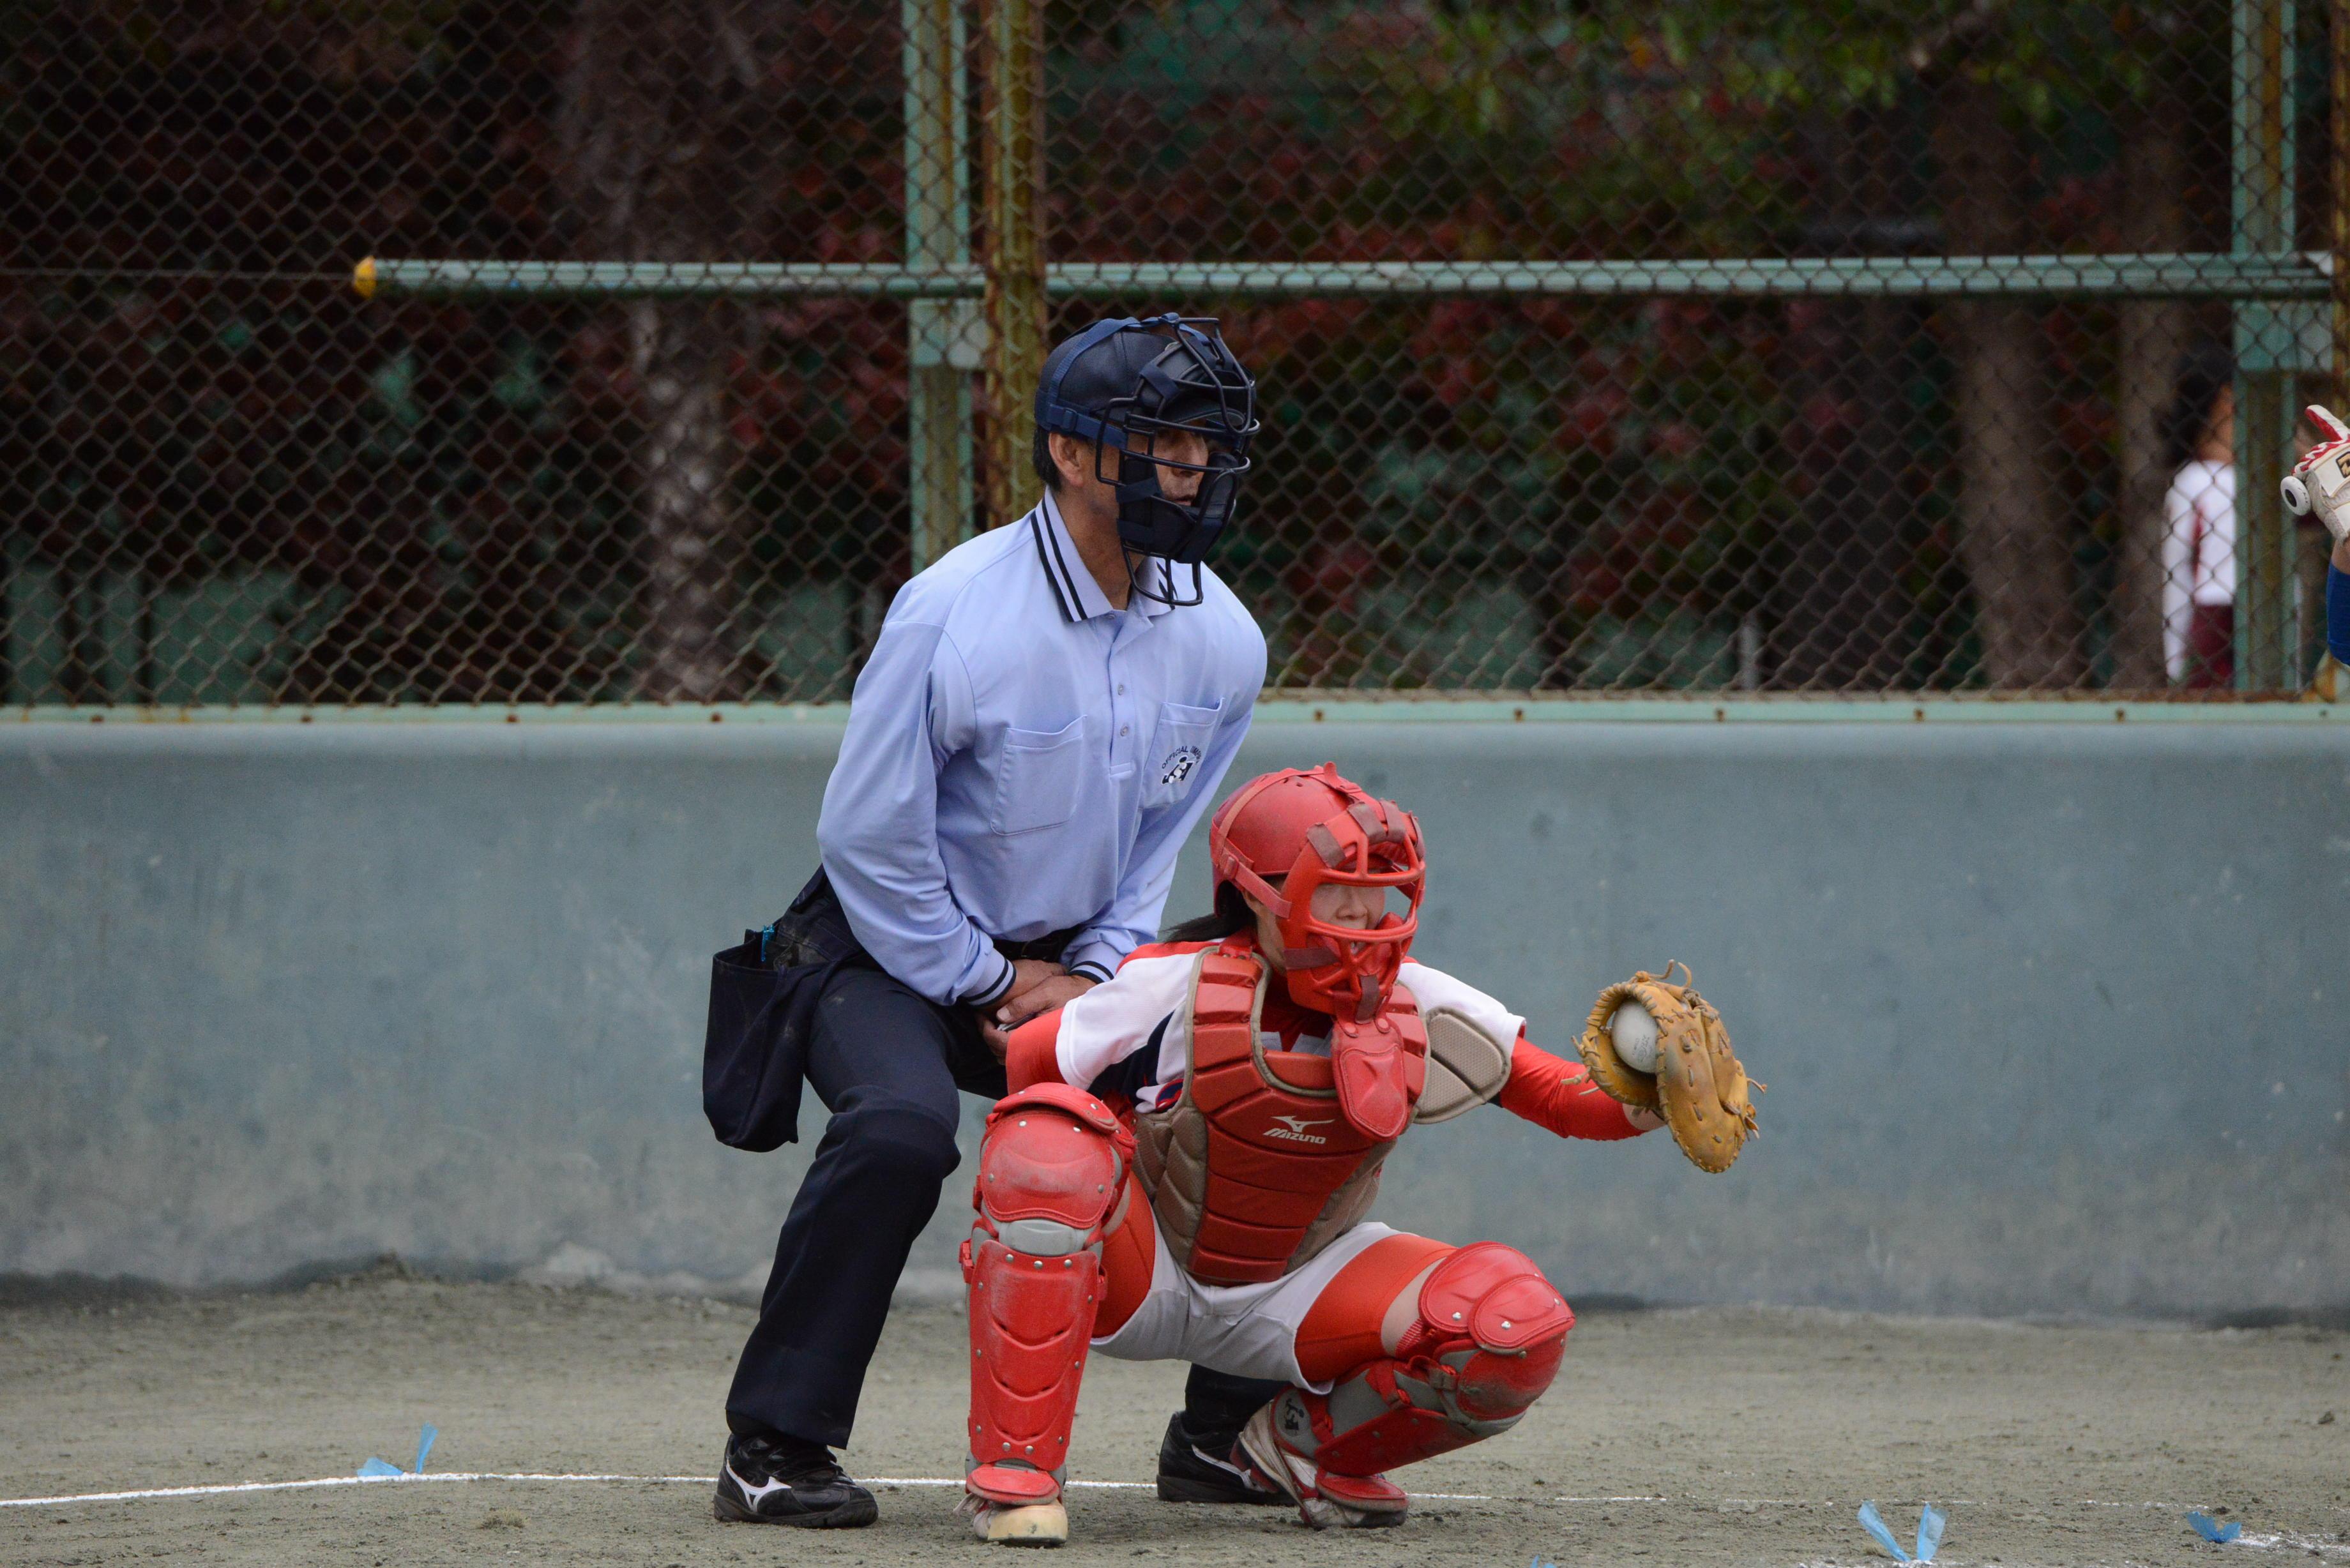 softballsyunki7.JPG